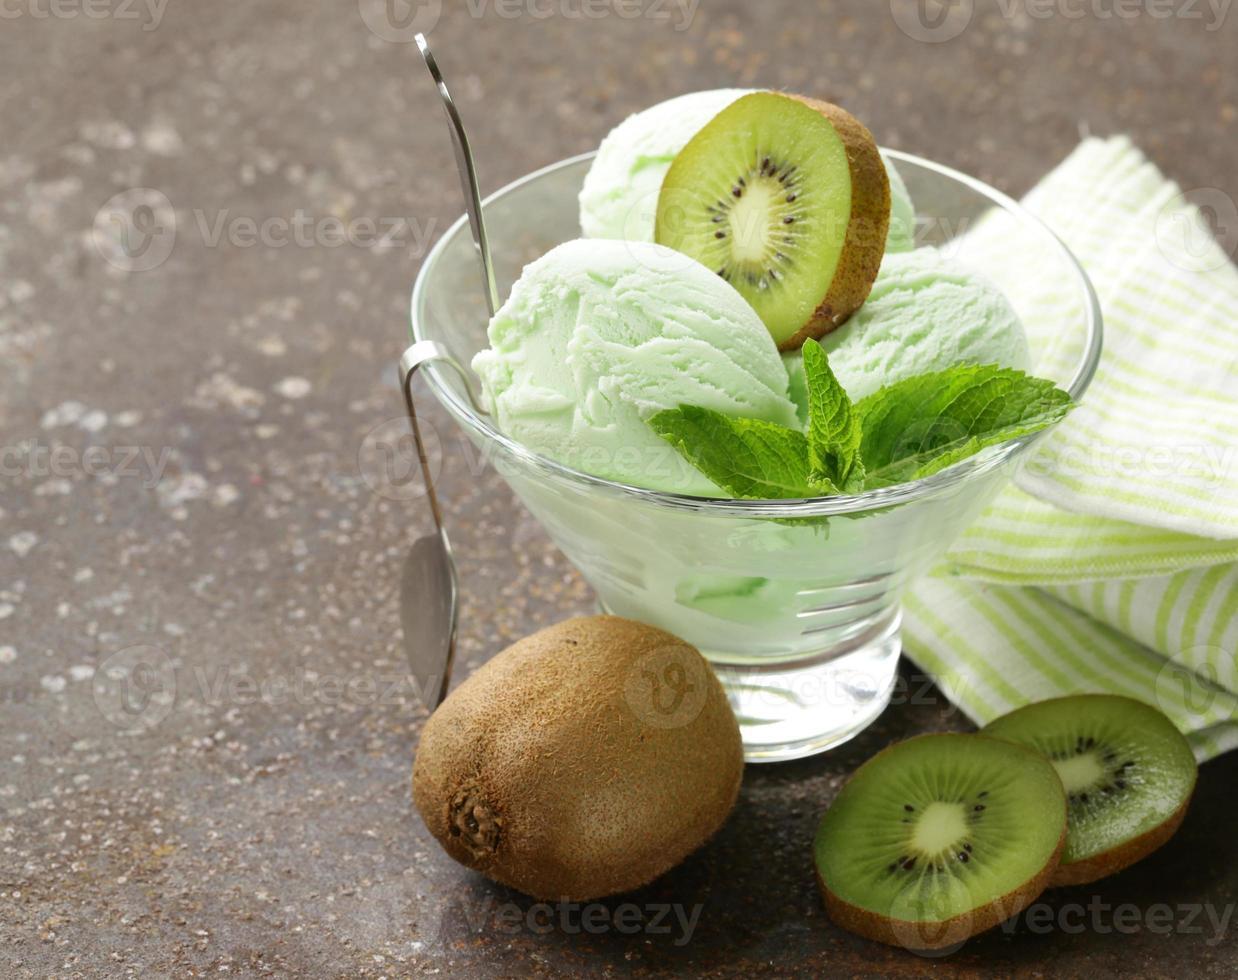 fruit romig ijs met groene kiwi en munt foto